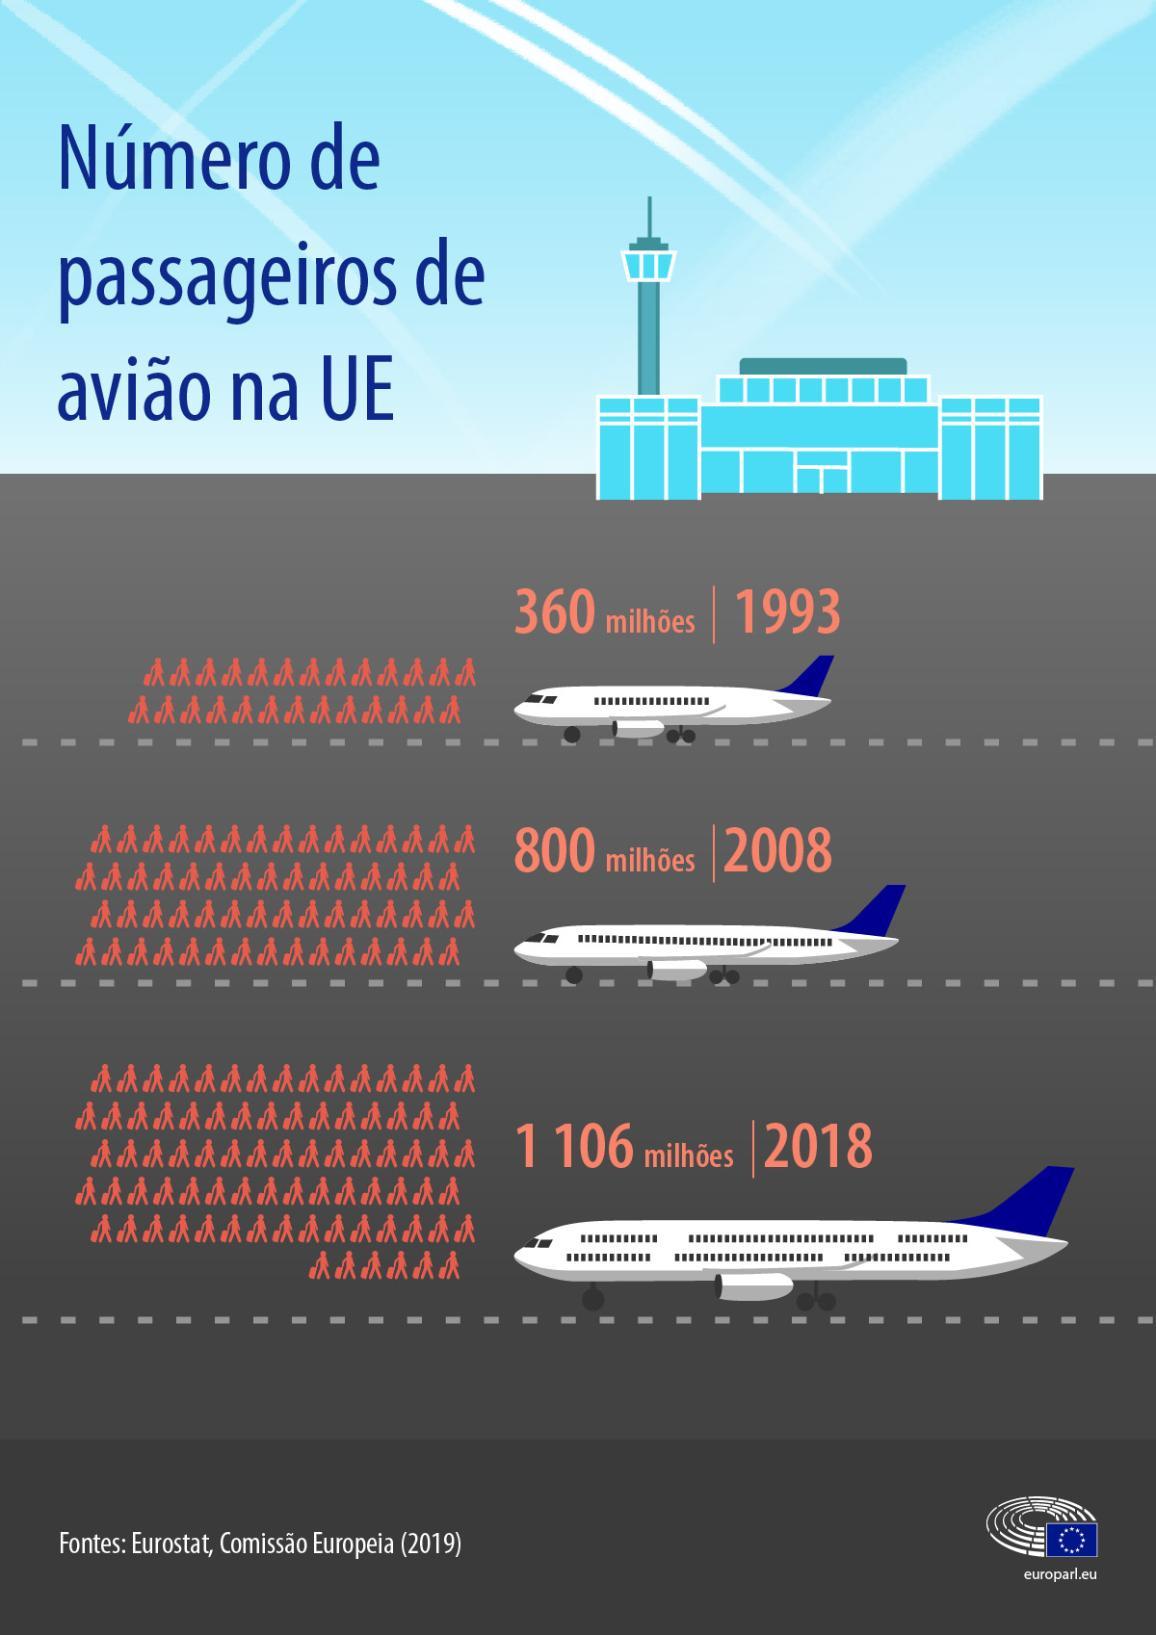 Número de passageiros na UE